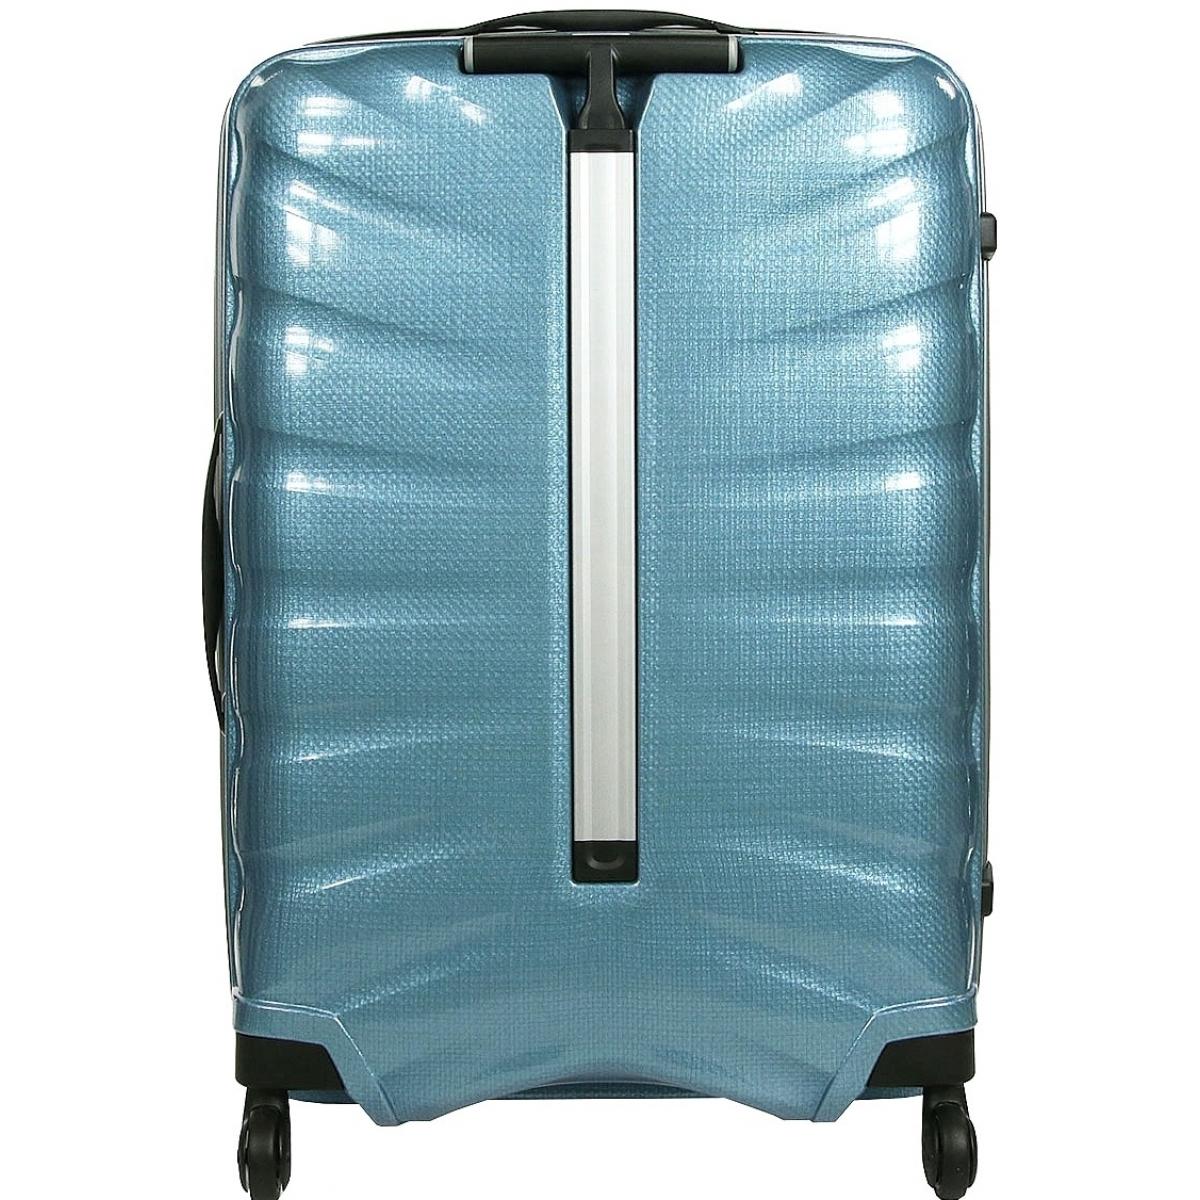 valise samsonite firelite spinner 75cm firelite61 couleur principale sly blue promotion. Black Bedroom Furniture Sets. Home Design Ideas